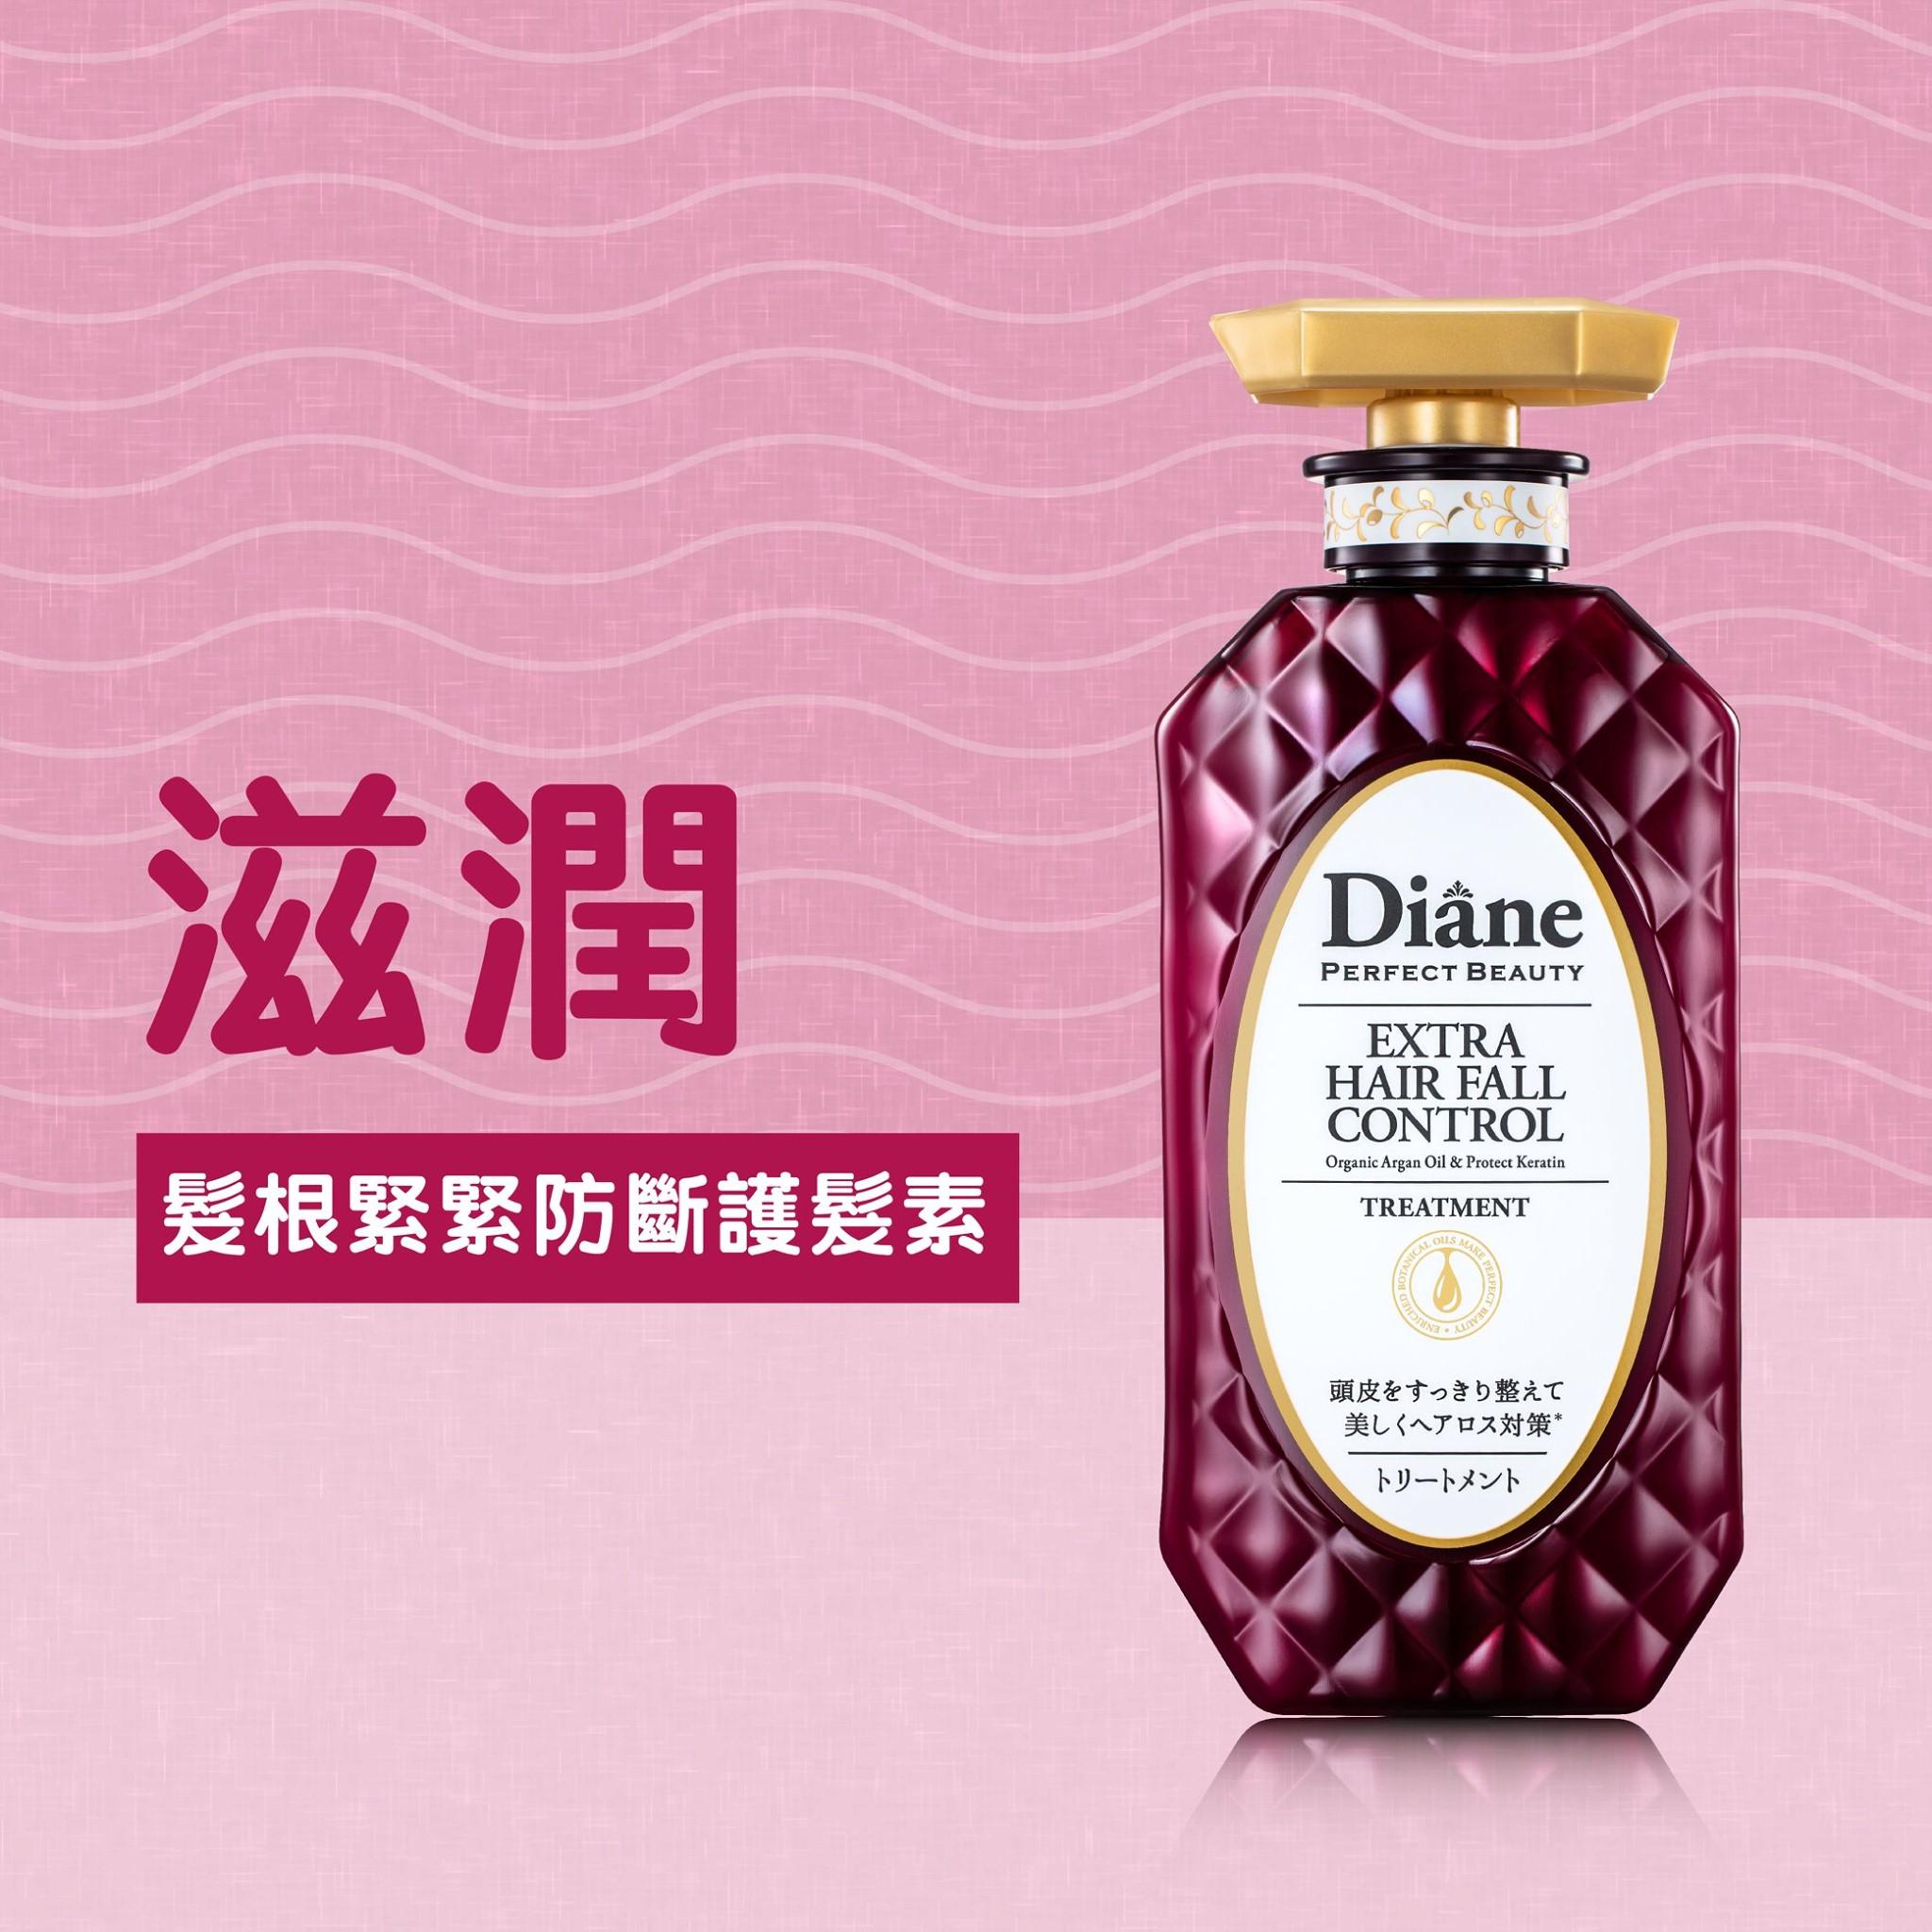 Dầu xả kiểm soát tóc yếu, rụng, nhiều gàu Diane extra hair fall control (450ml) - Hàng Nhật nội địa